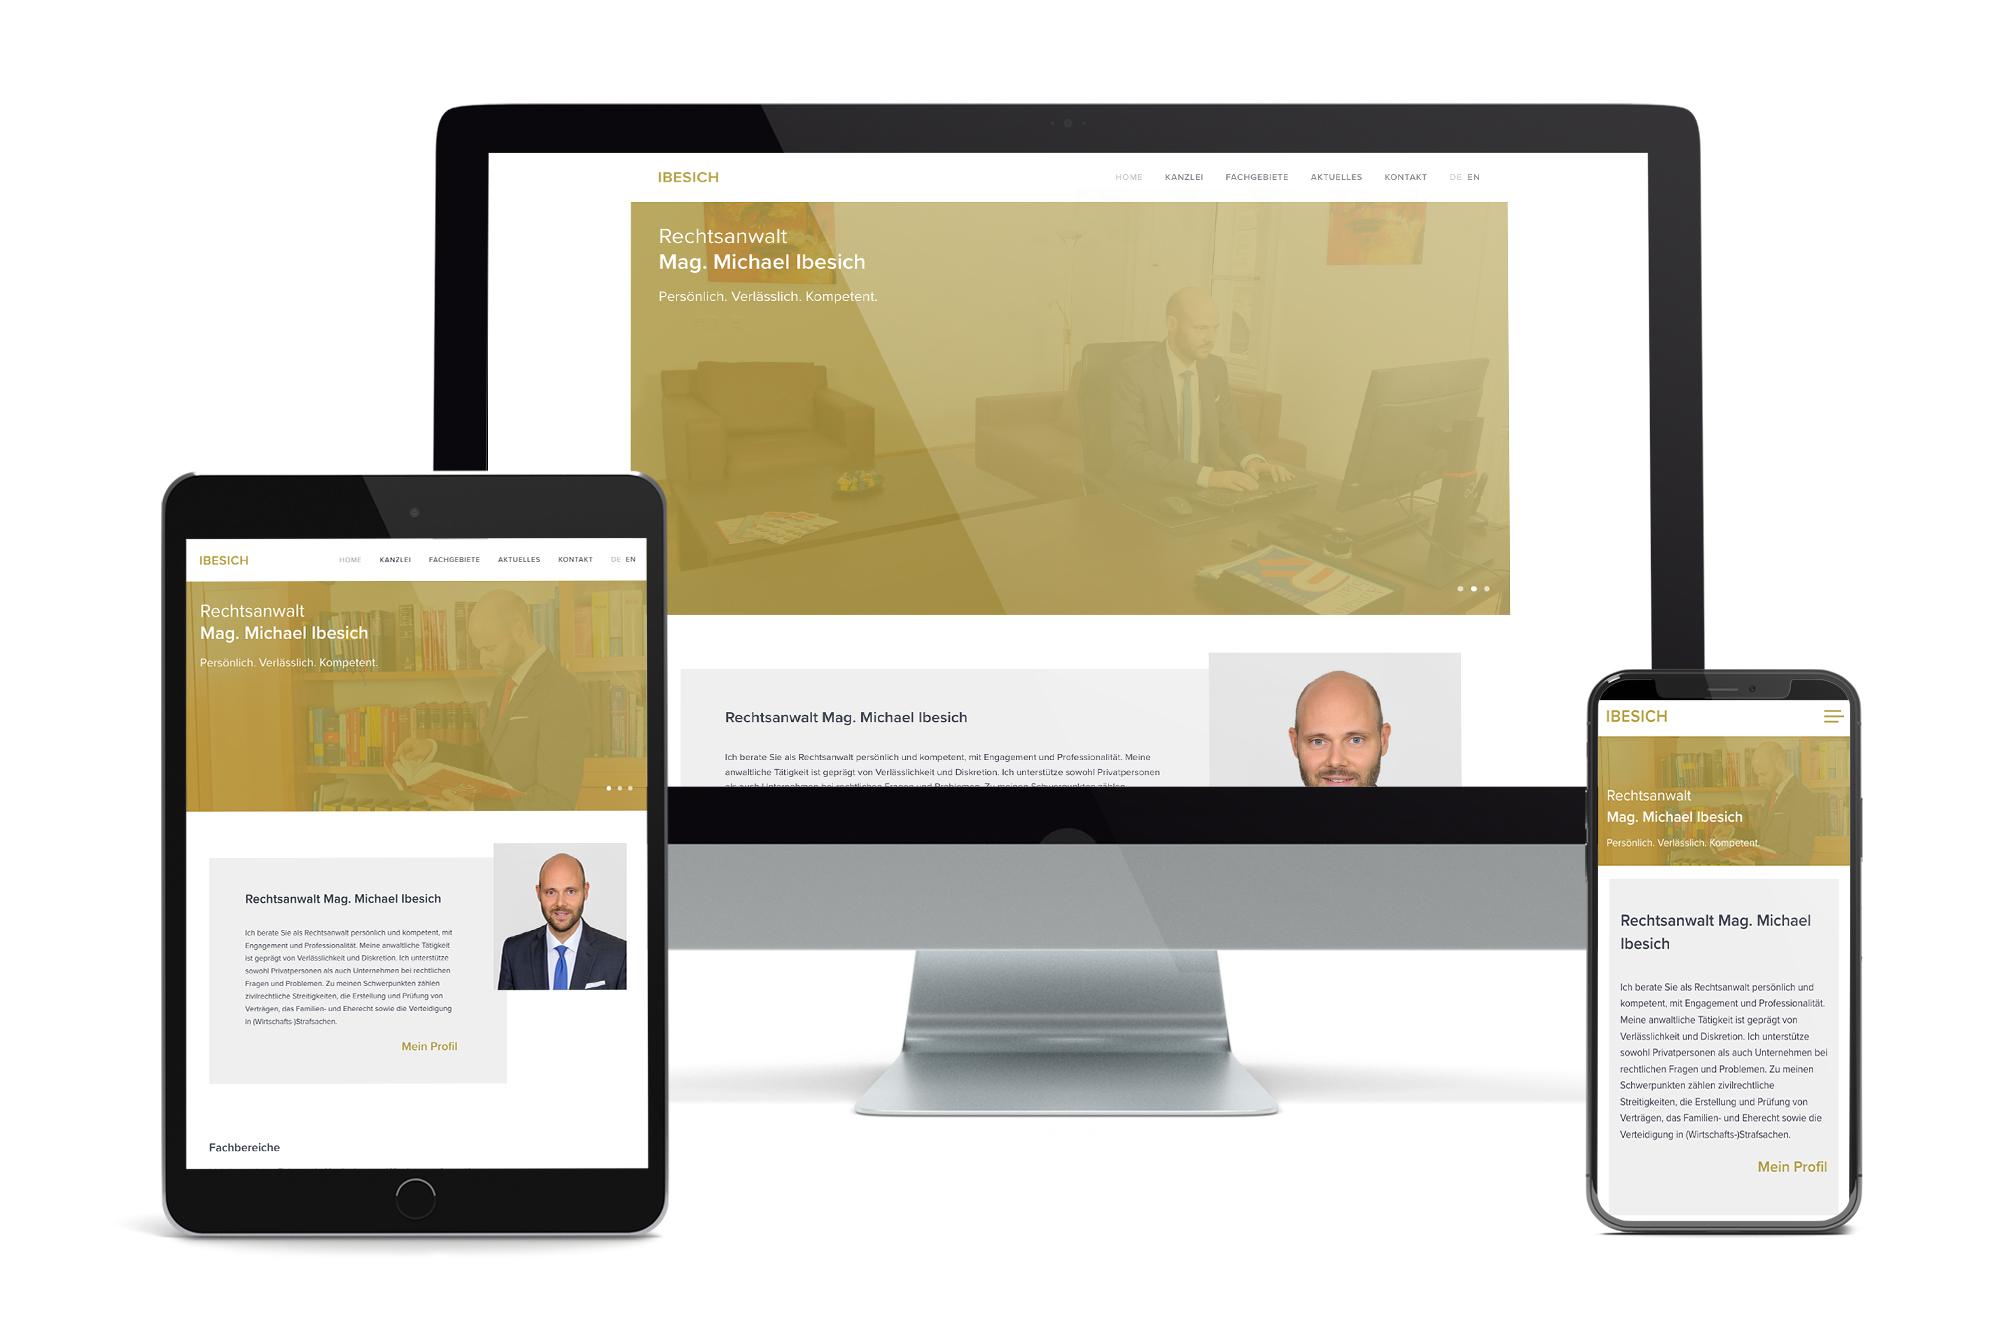 Webdesign Beispiel: Neue Website für Anwalt